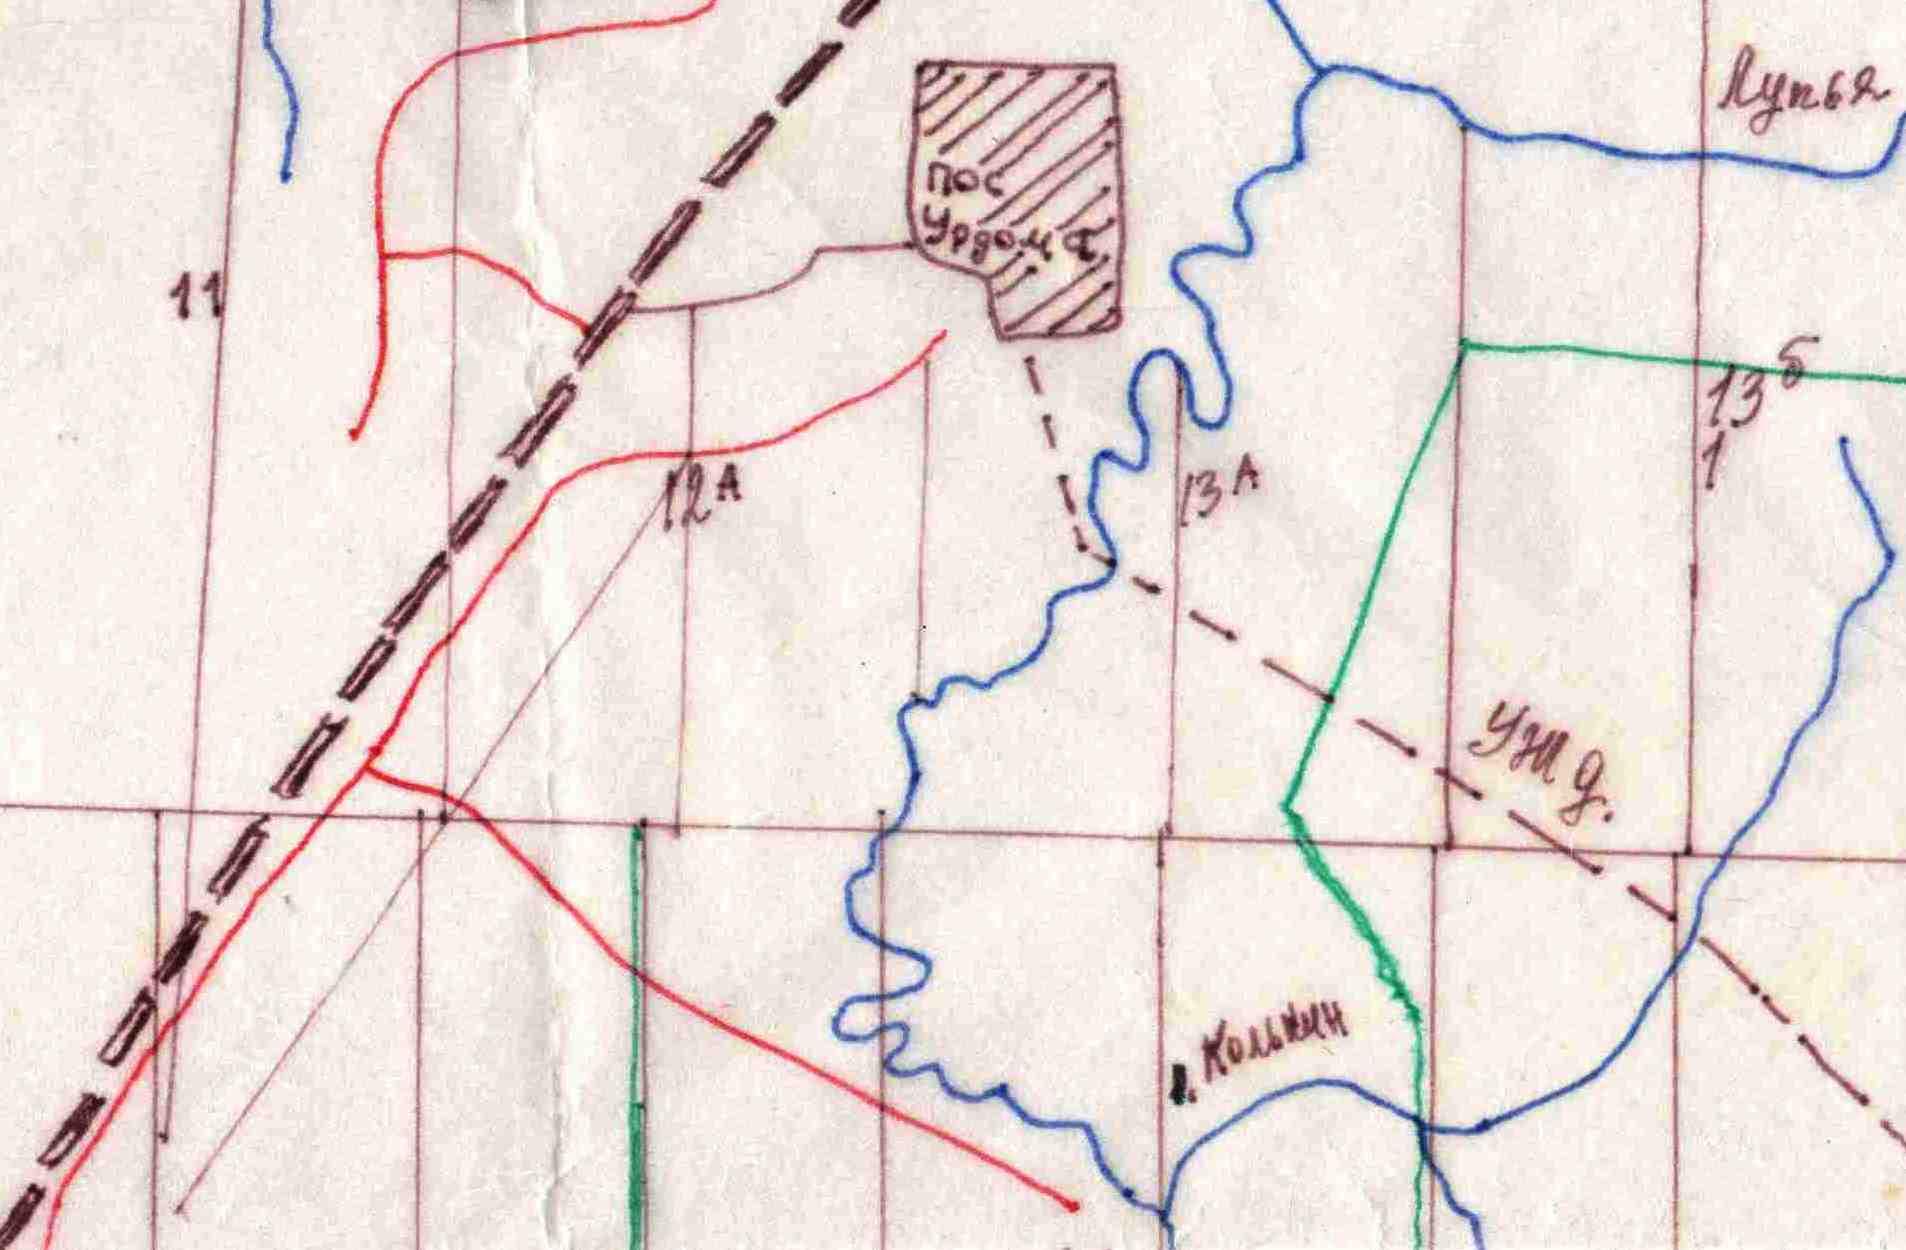 Карта, изготовленная лесником Брусовым Александром Федоровичем (Урдома) в 1970-е годы. Колькин ручей.